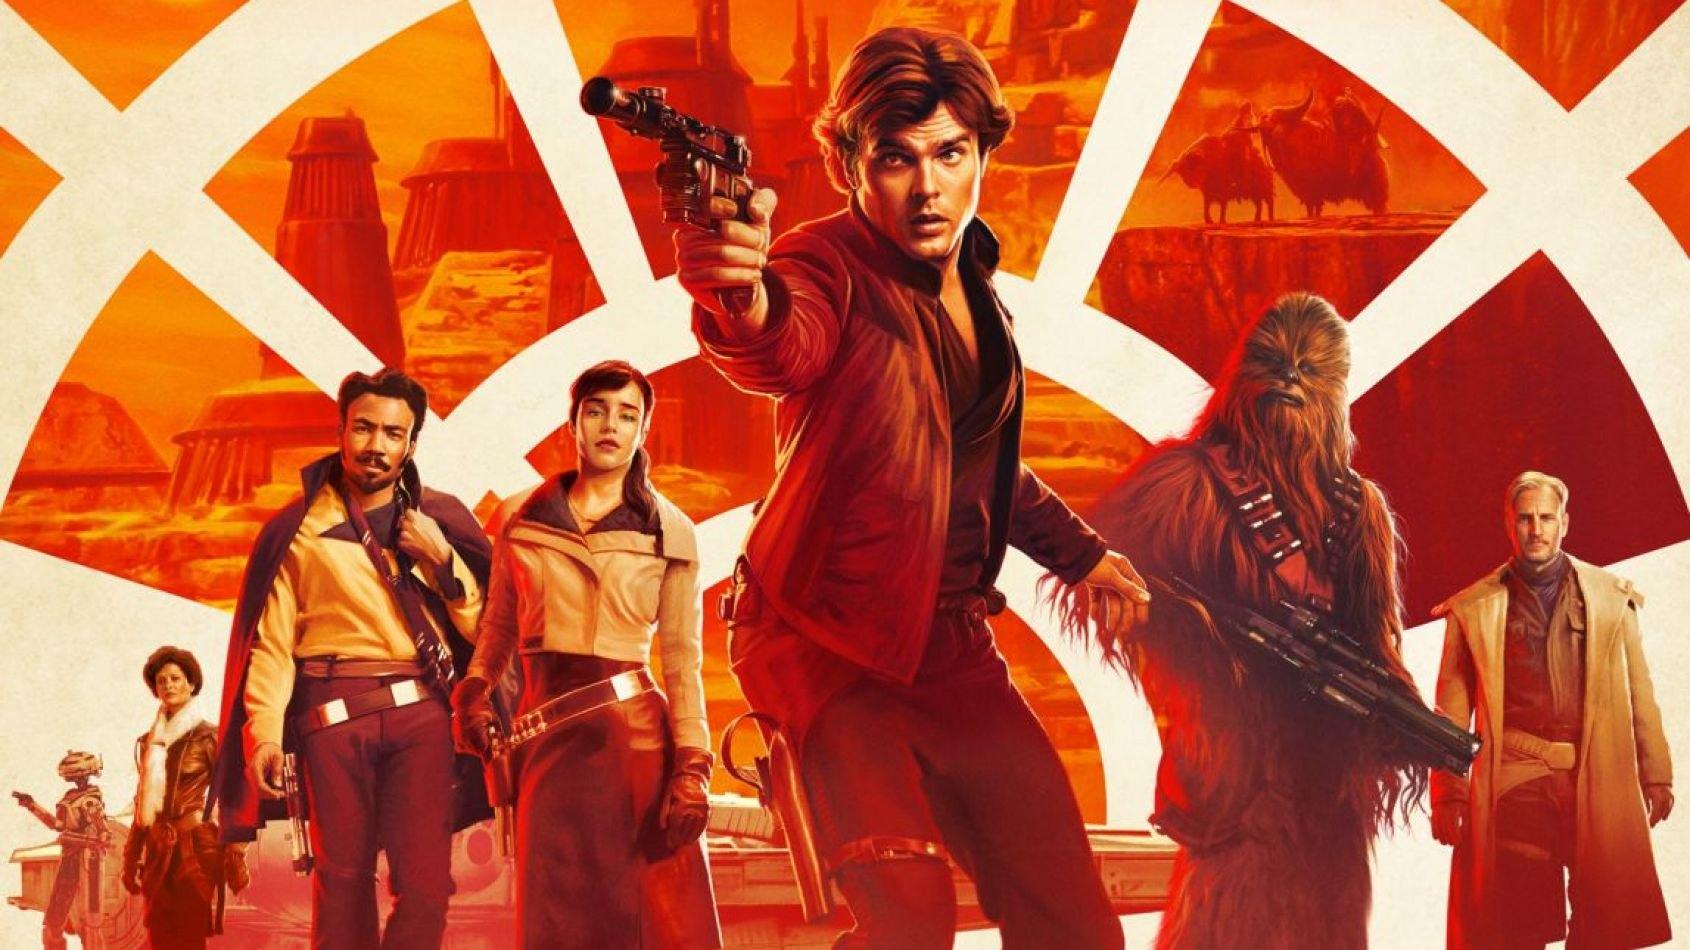 Une nouvelle photo behind the scene de Solo